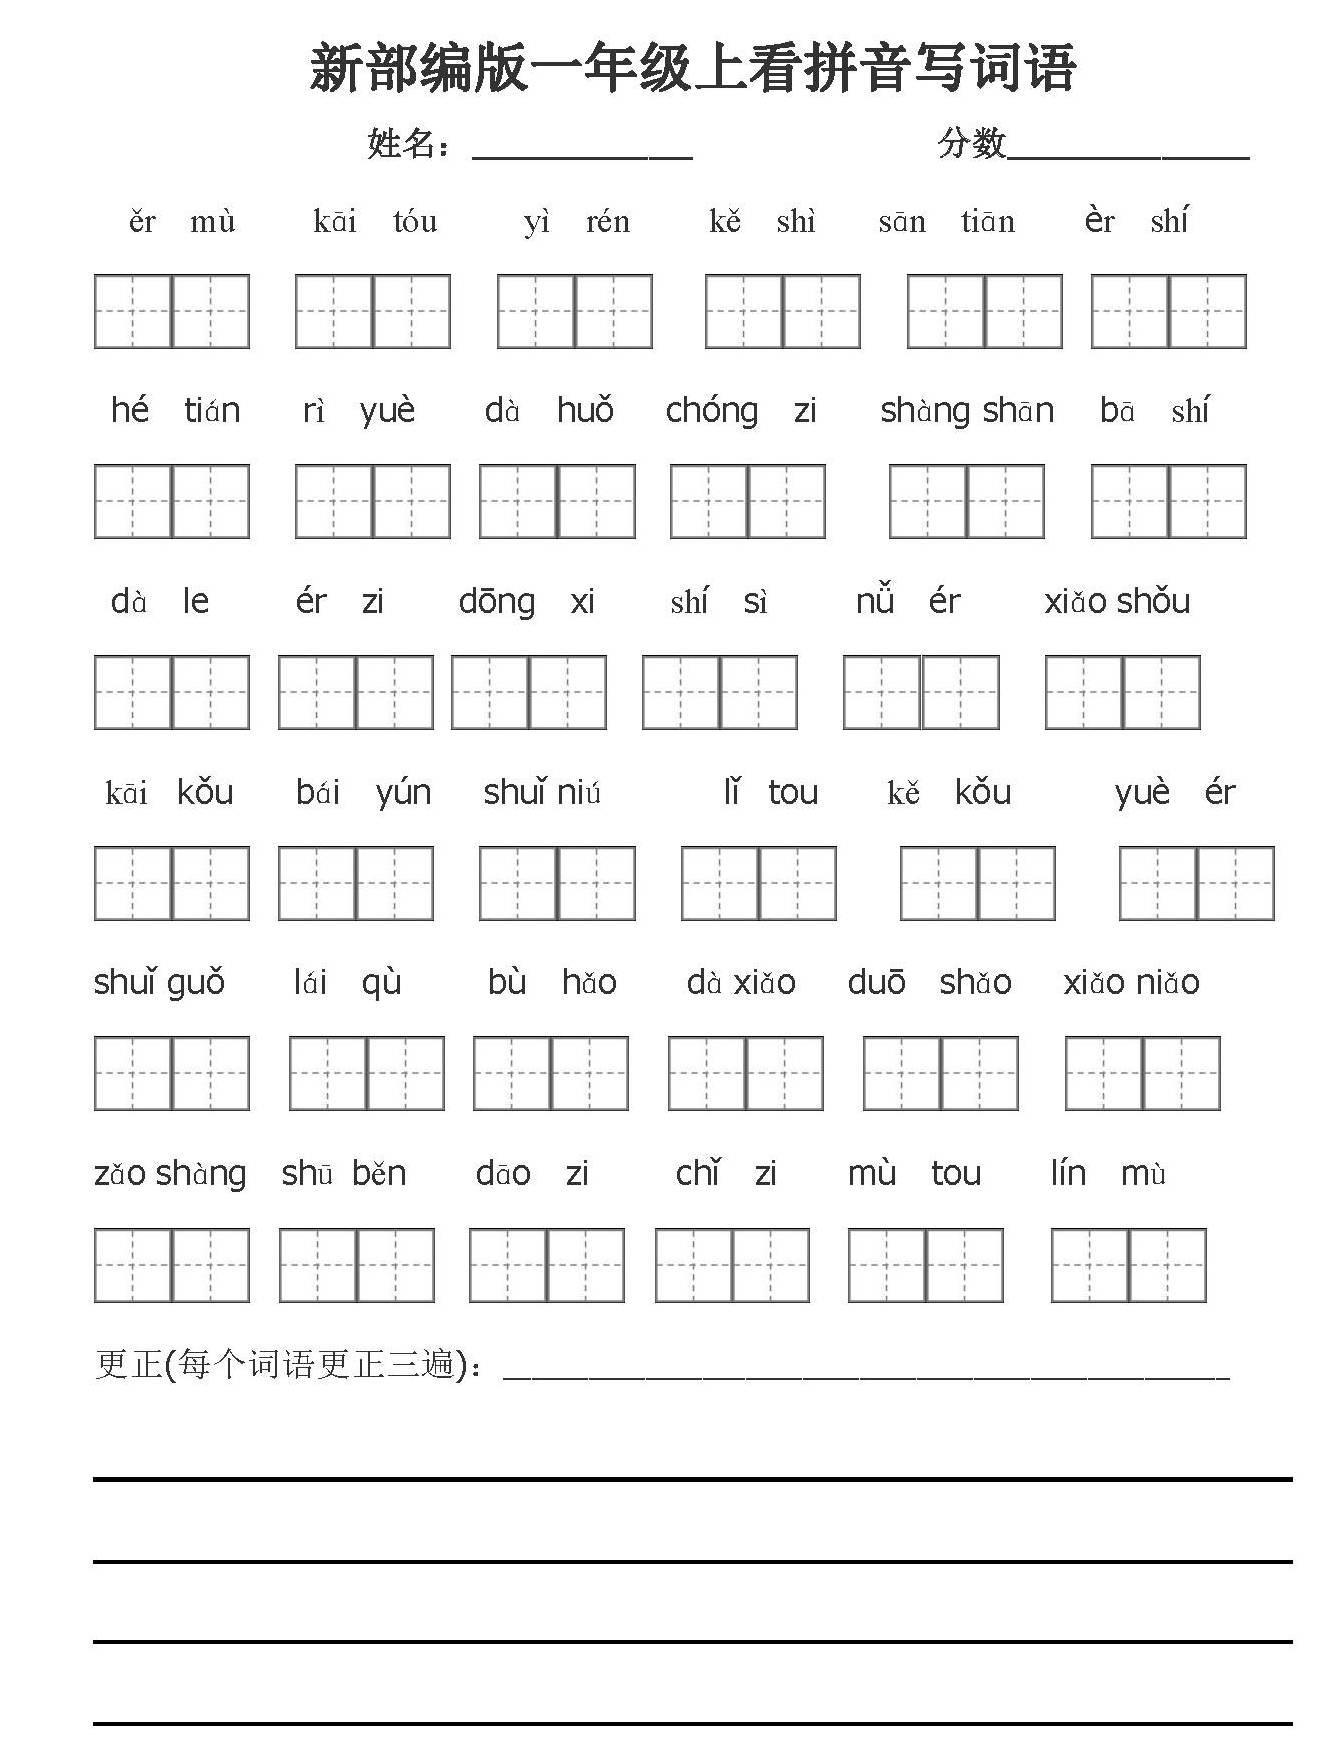 人教版1 6年级语文上册看拼音写词语 田字格,可打印图片